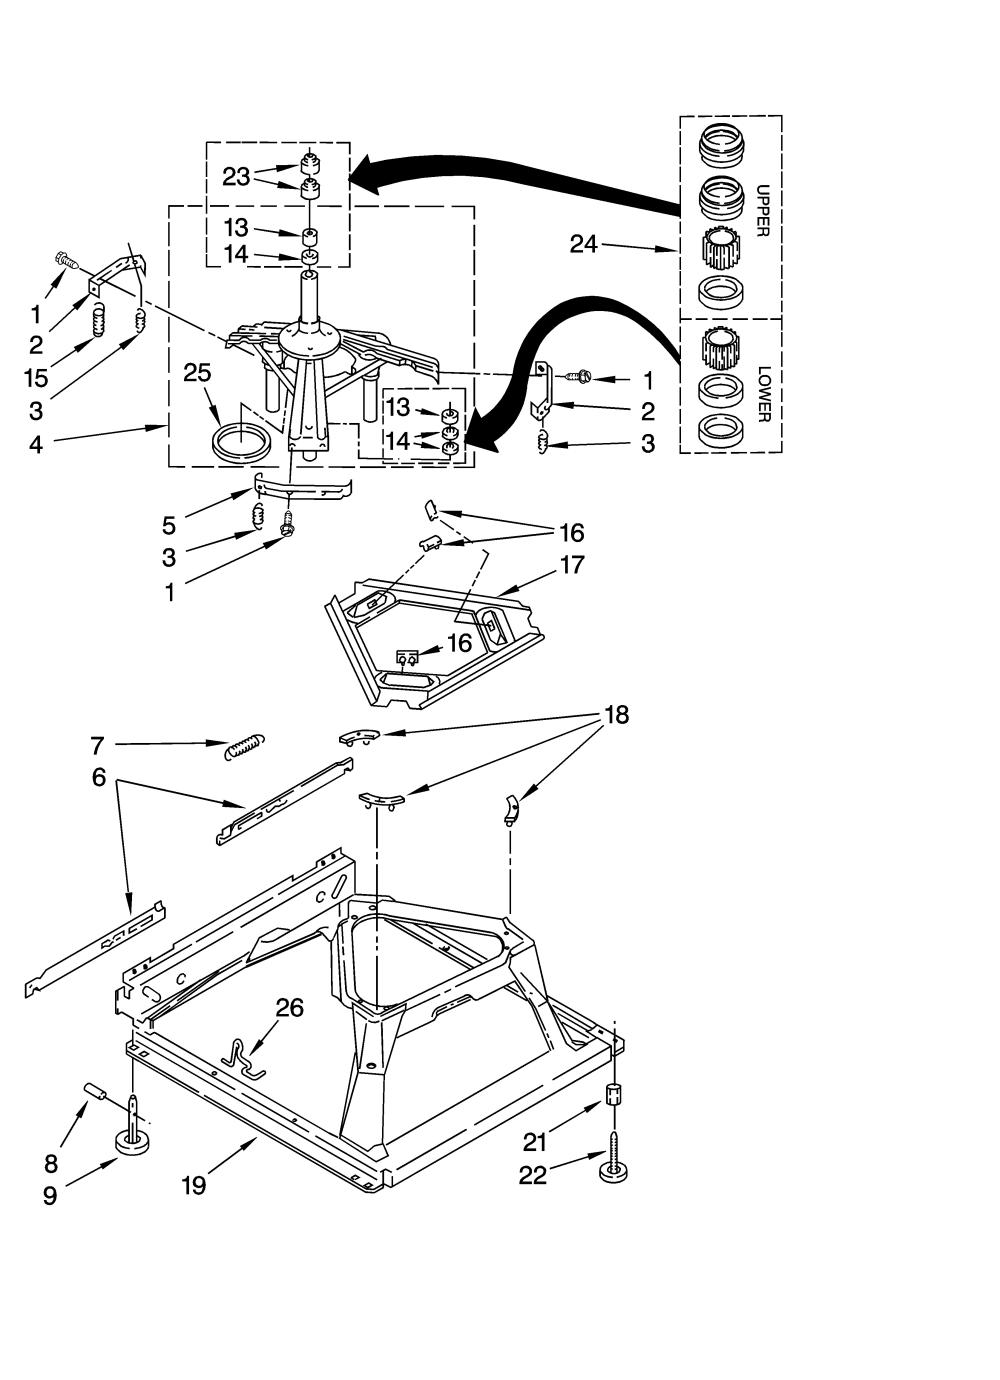 medium resolution of kenmore 110 washing machine wiring diagram